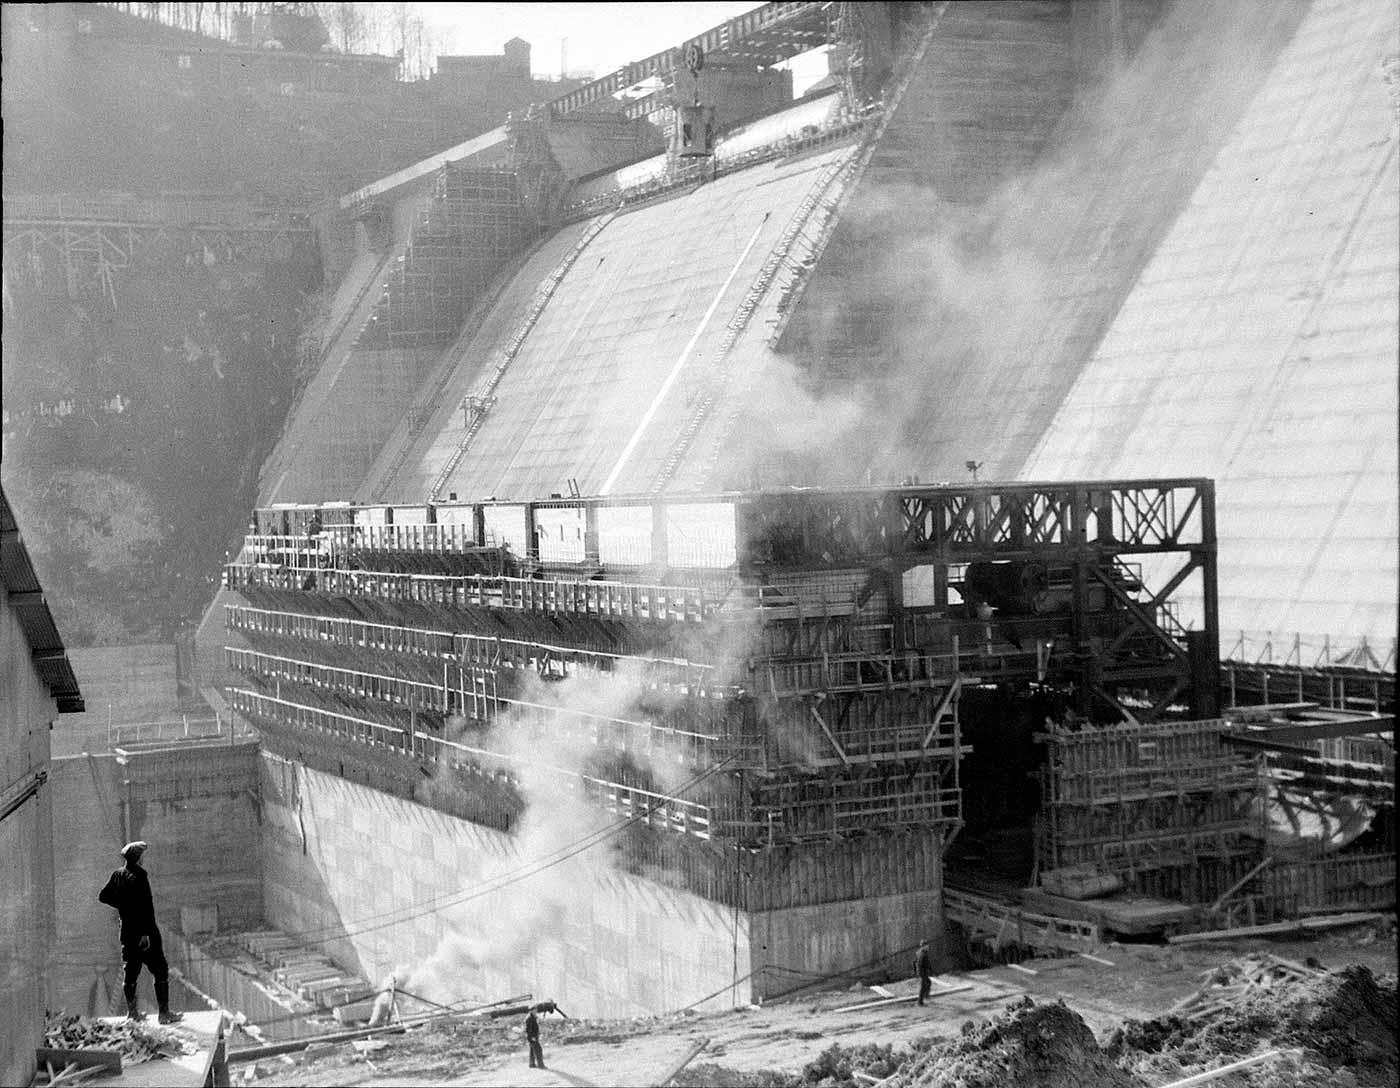 Norris Dam in 1936